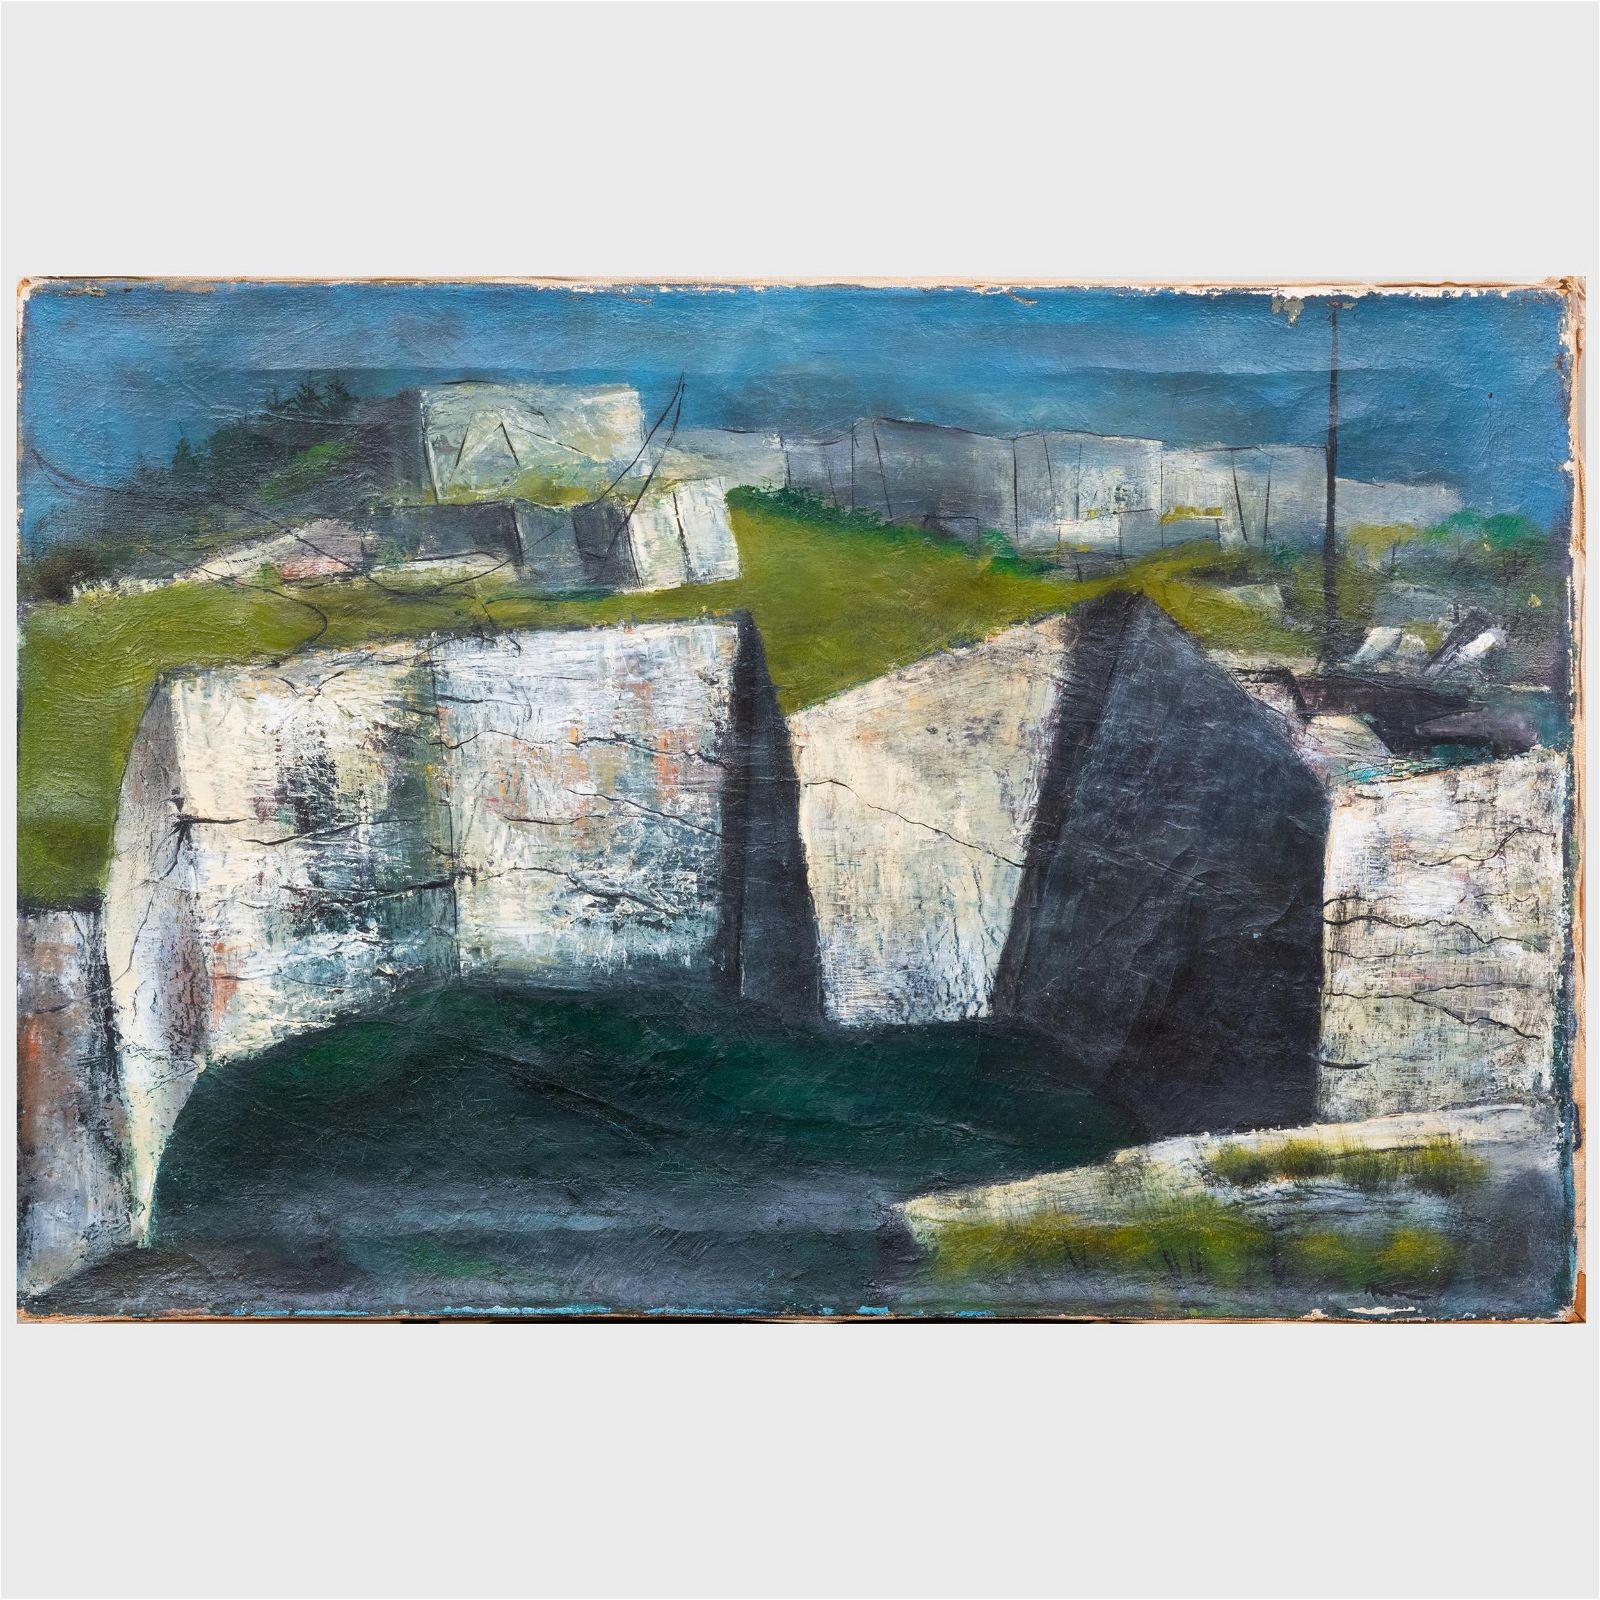 William Thon (1906-2000) : Untitled